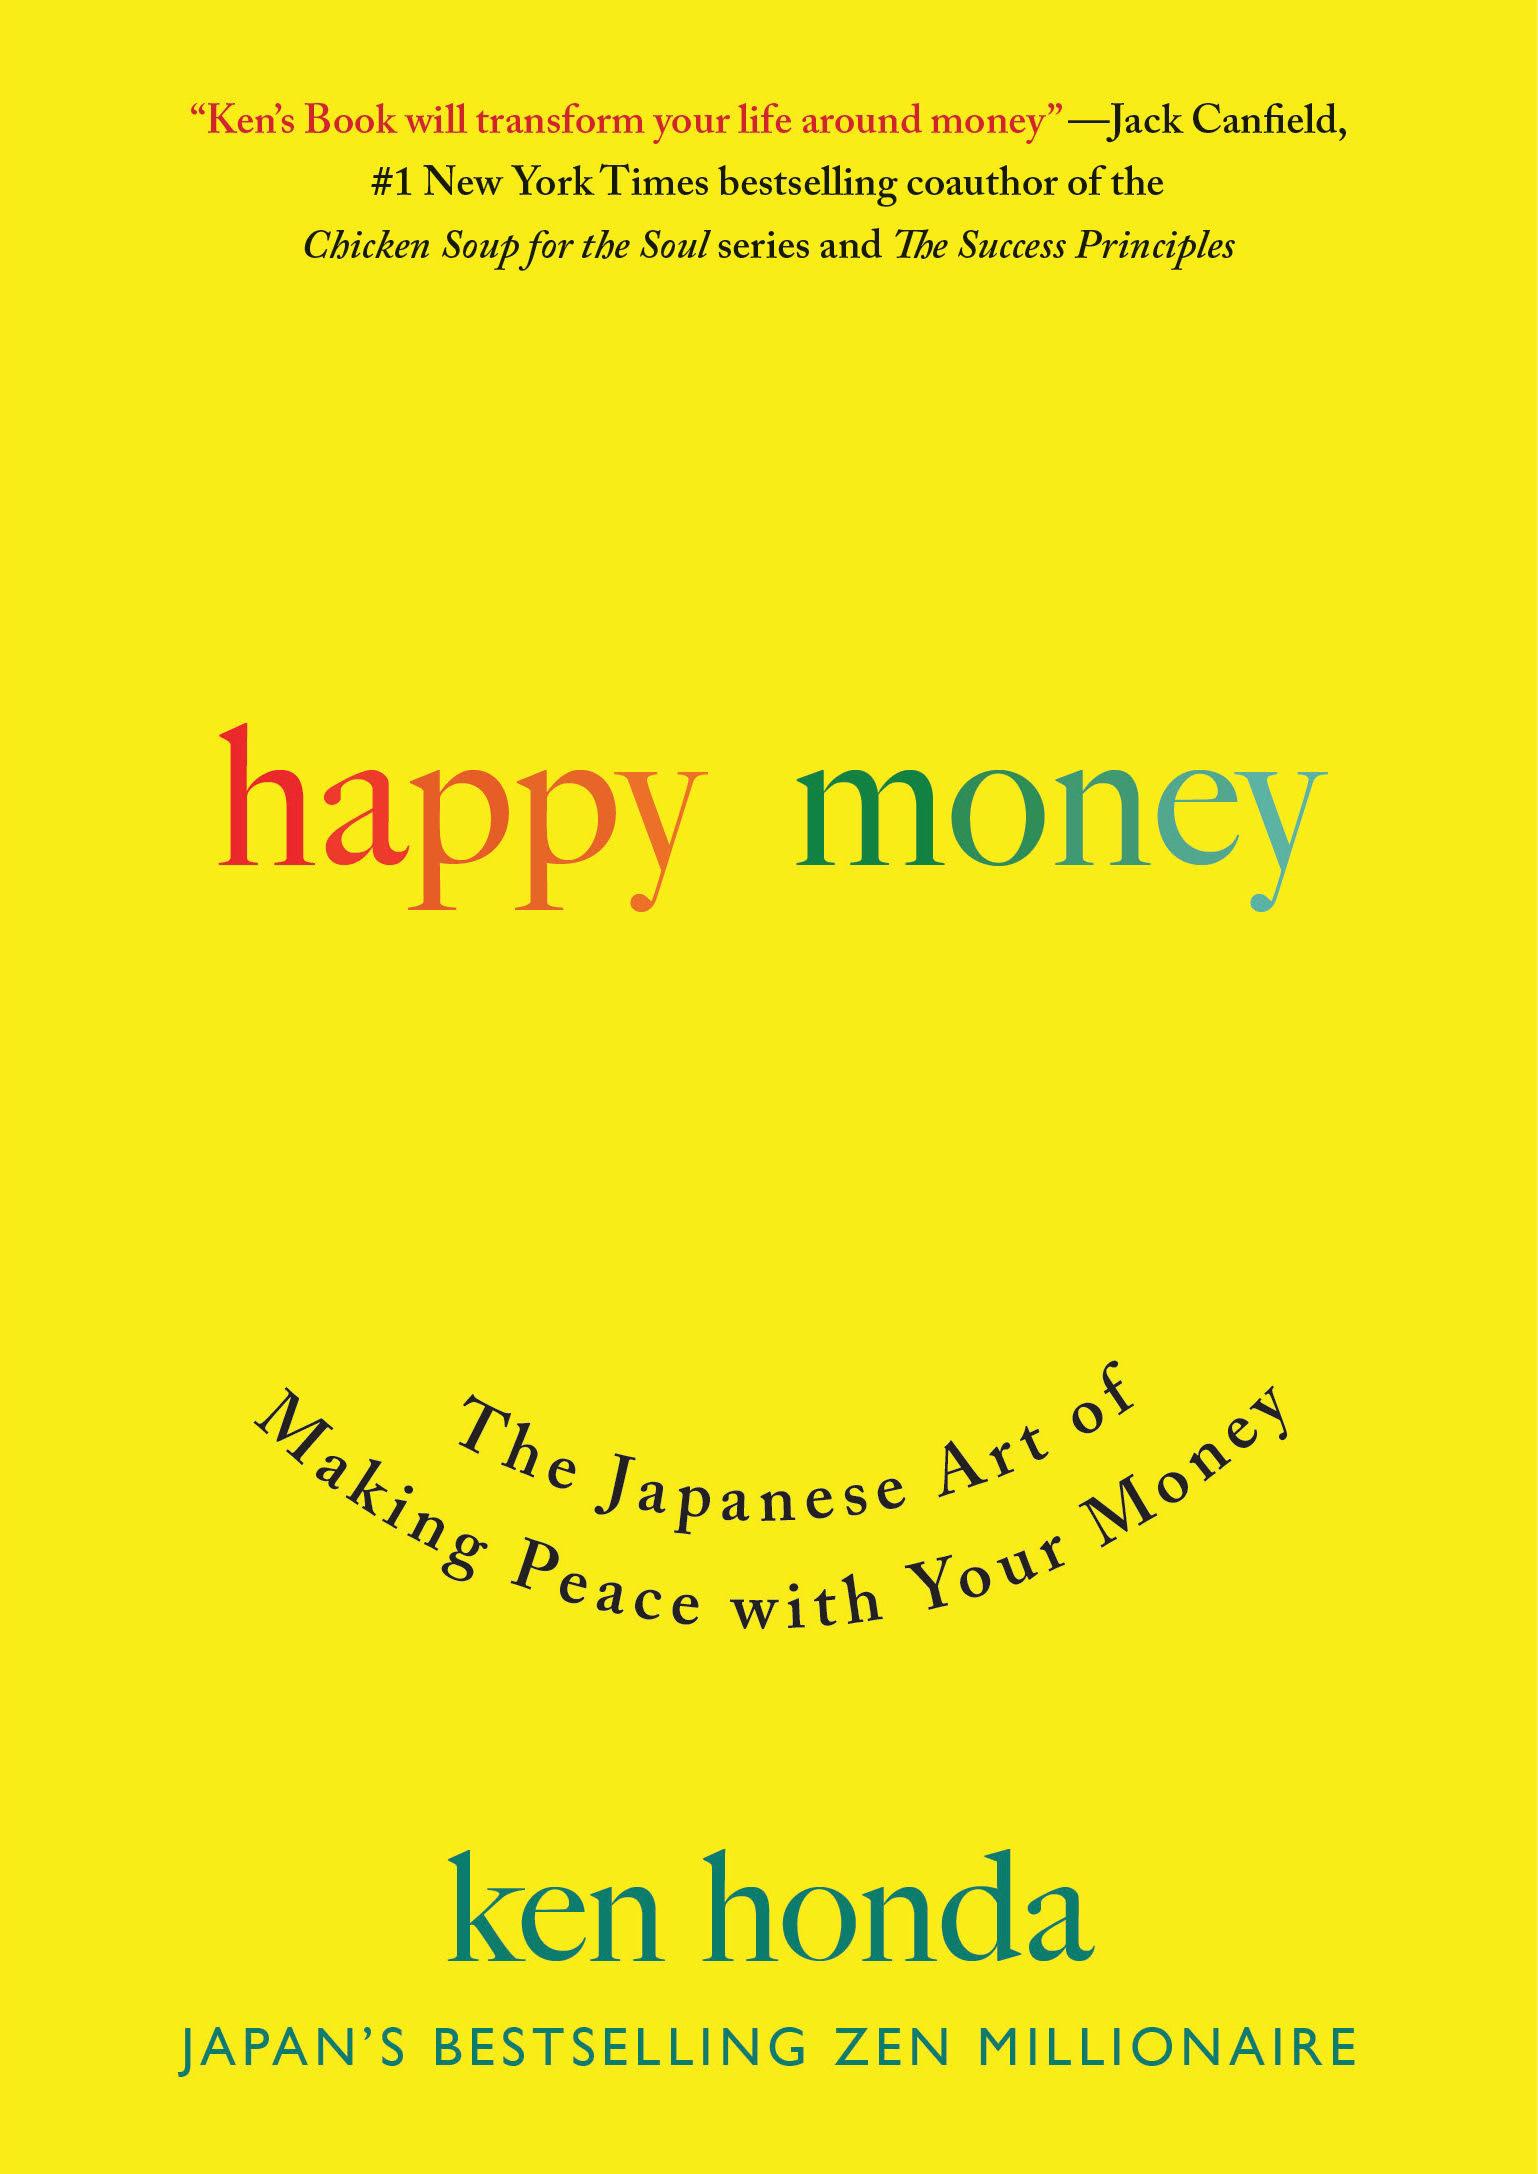 初の英語の書下ろし著書『happy money』